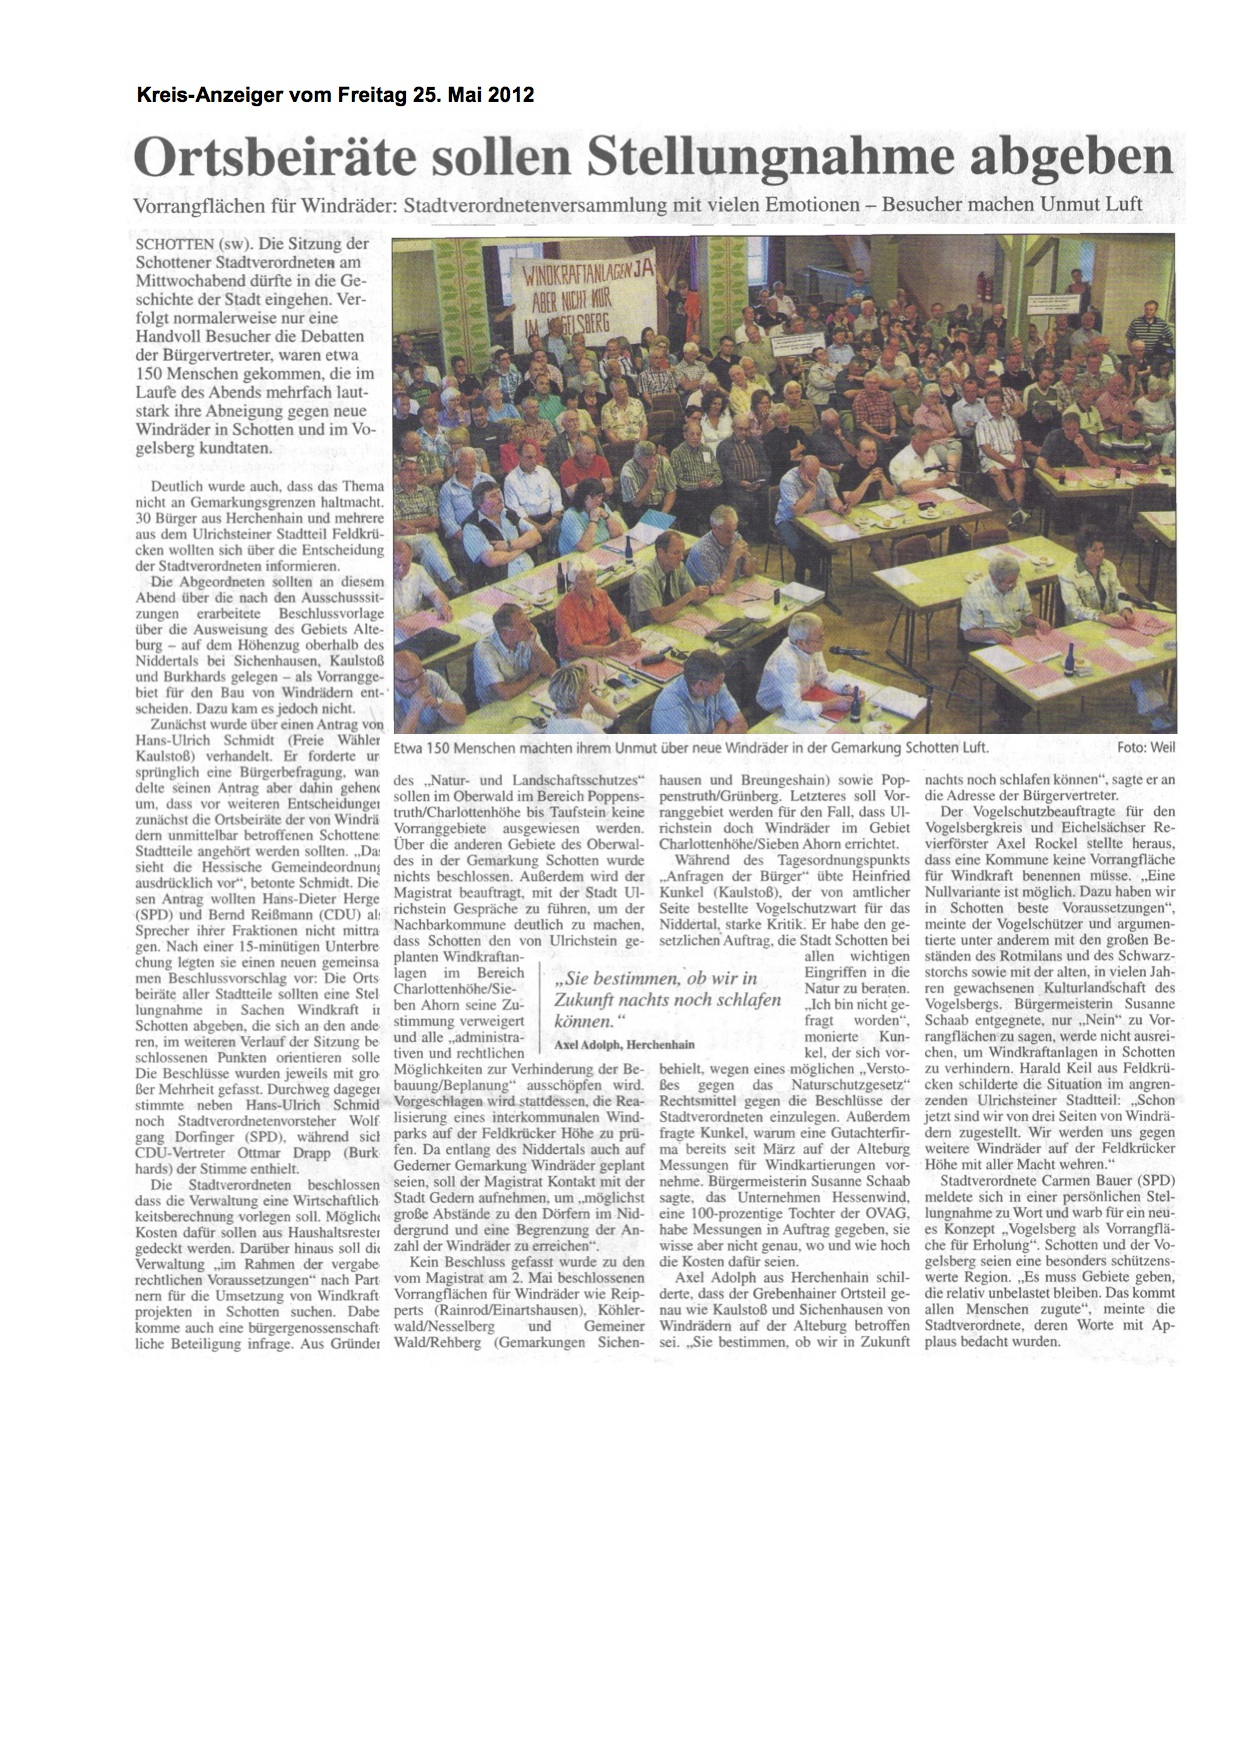 Bericht von der historischen Stadtverordnetensitzung vom 2012-05-23, auf der sich die Bürgerinnen und Bürger massiv gegen die Windkraftpläne der Stadt Schotten und Bürgermeisterin Susanne Schaab wehrten